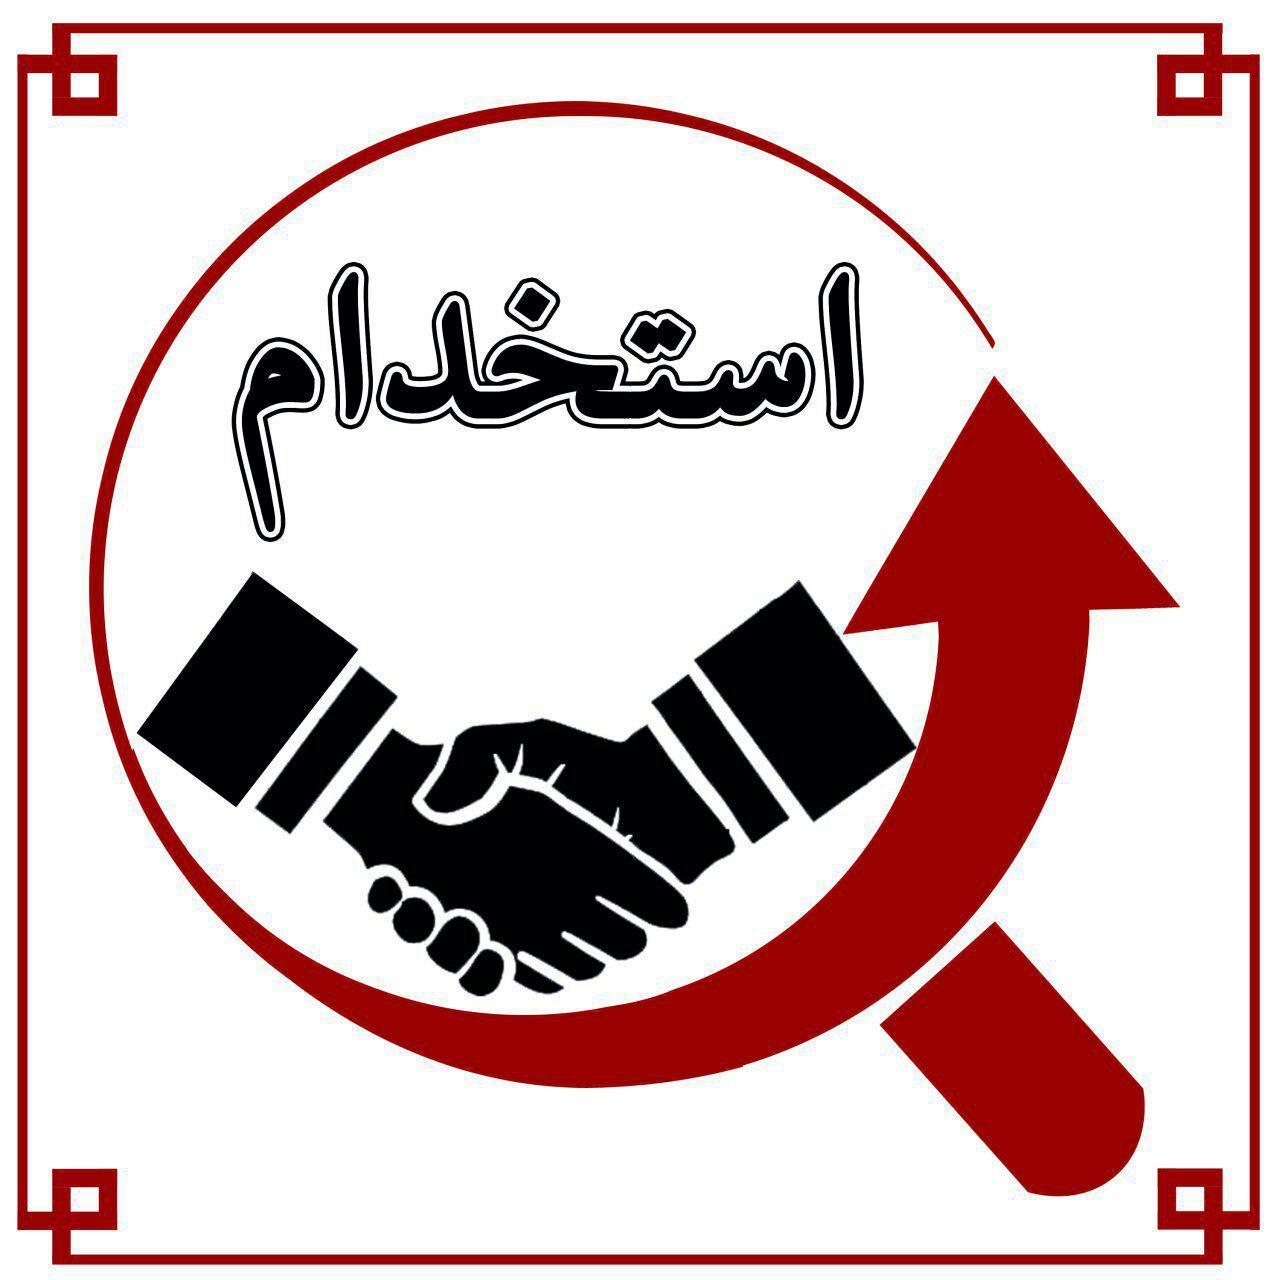 باشگاه خبرنگاران -استخدام کارشناس فروش در یک شرکت صنایع